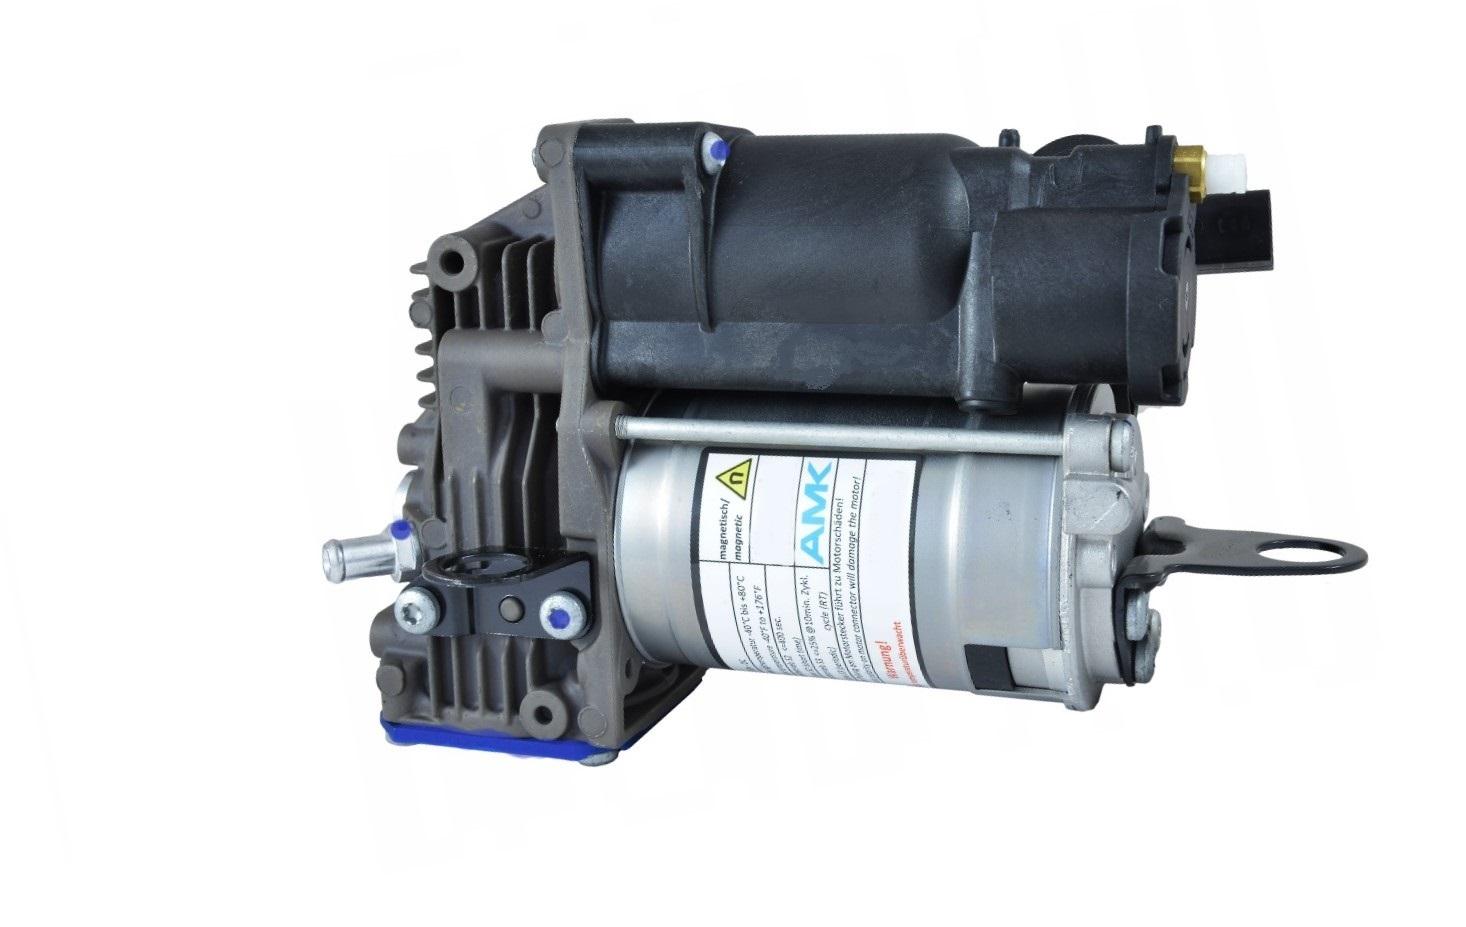 компрессор компрессор w221 новый гарантия 24m-cy